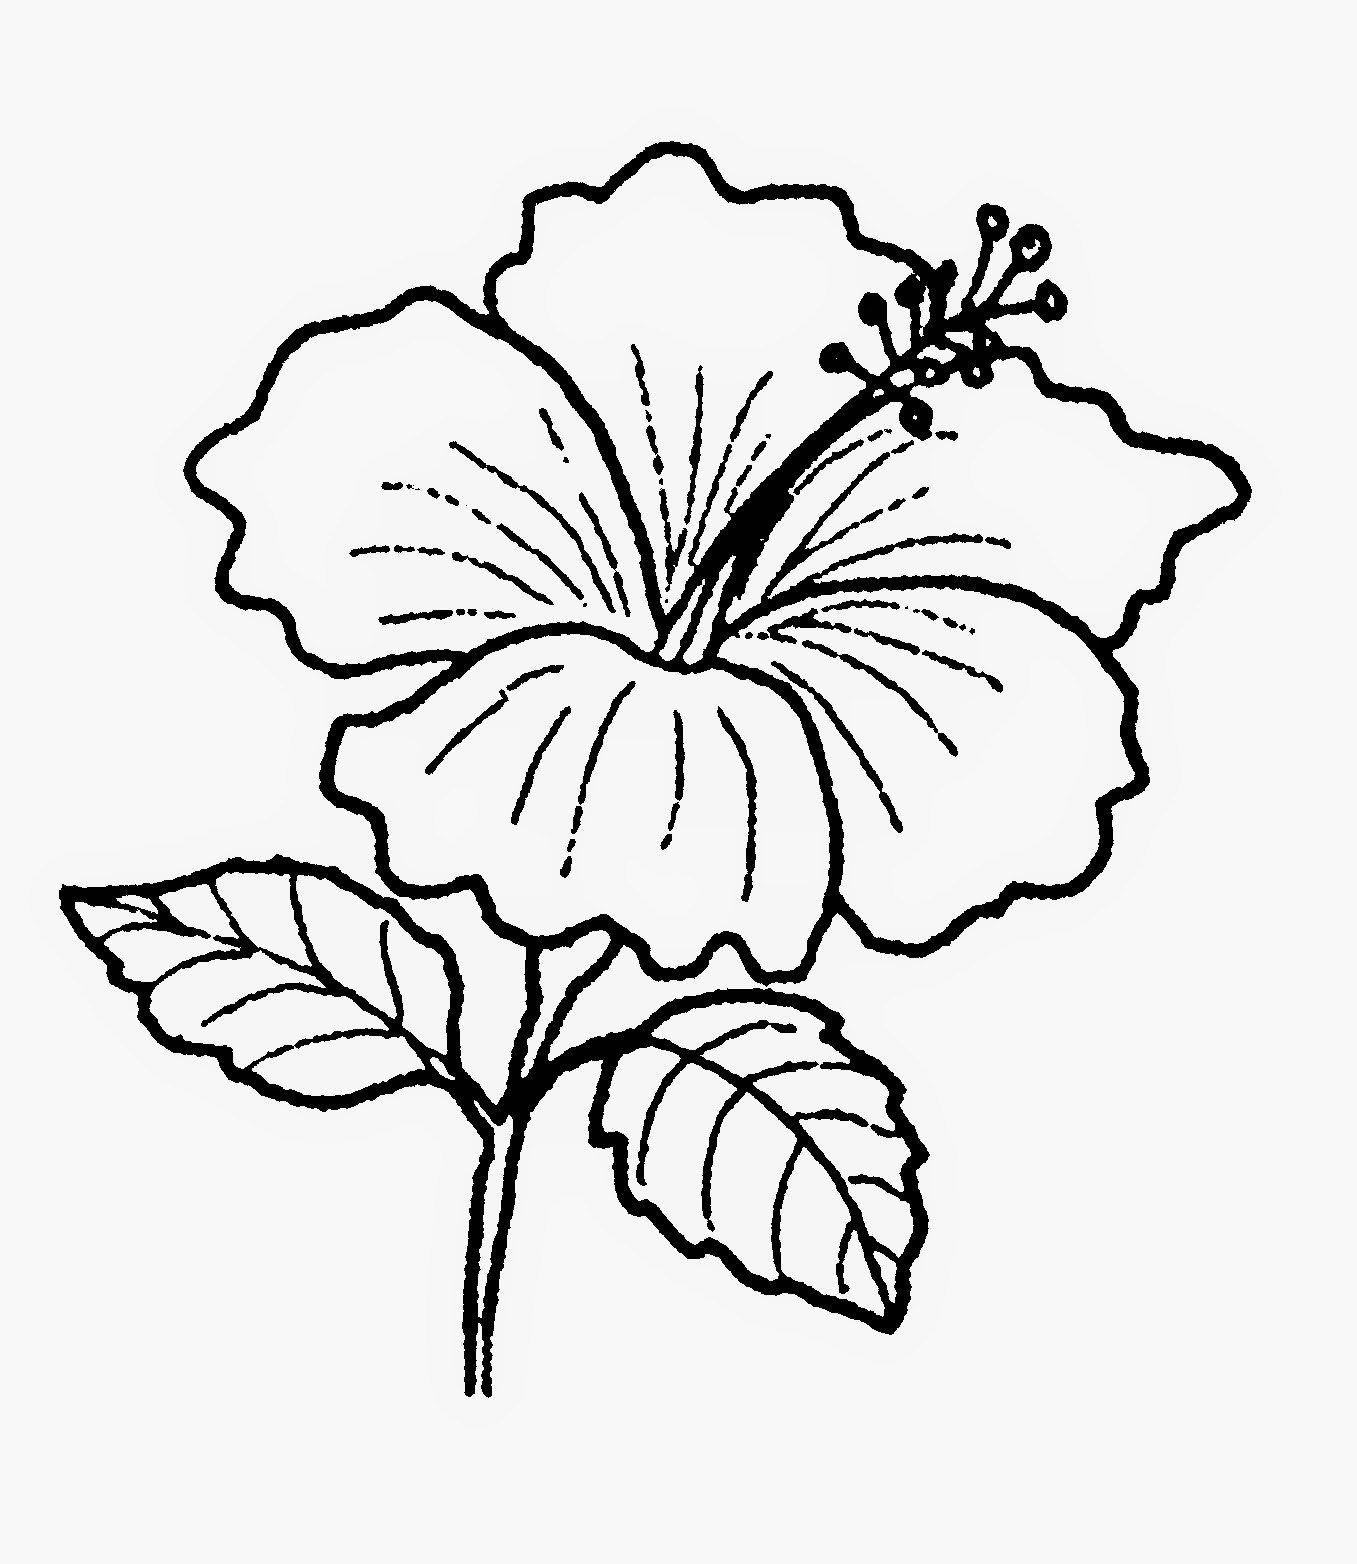 Gambar Bunga Raya Gambar Pohon Hitam Putih Clipart Best